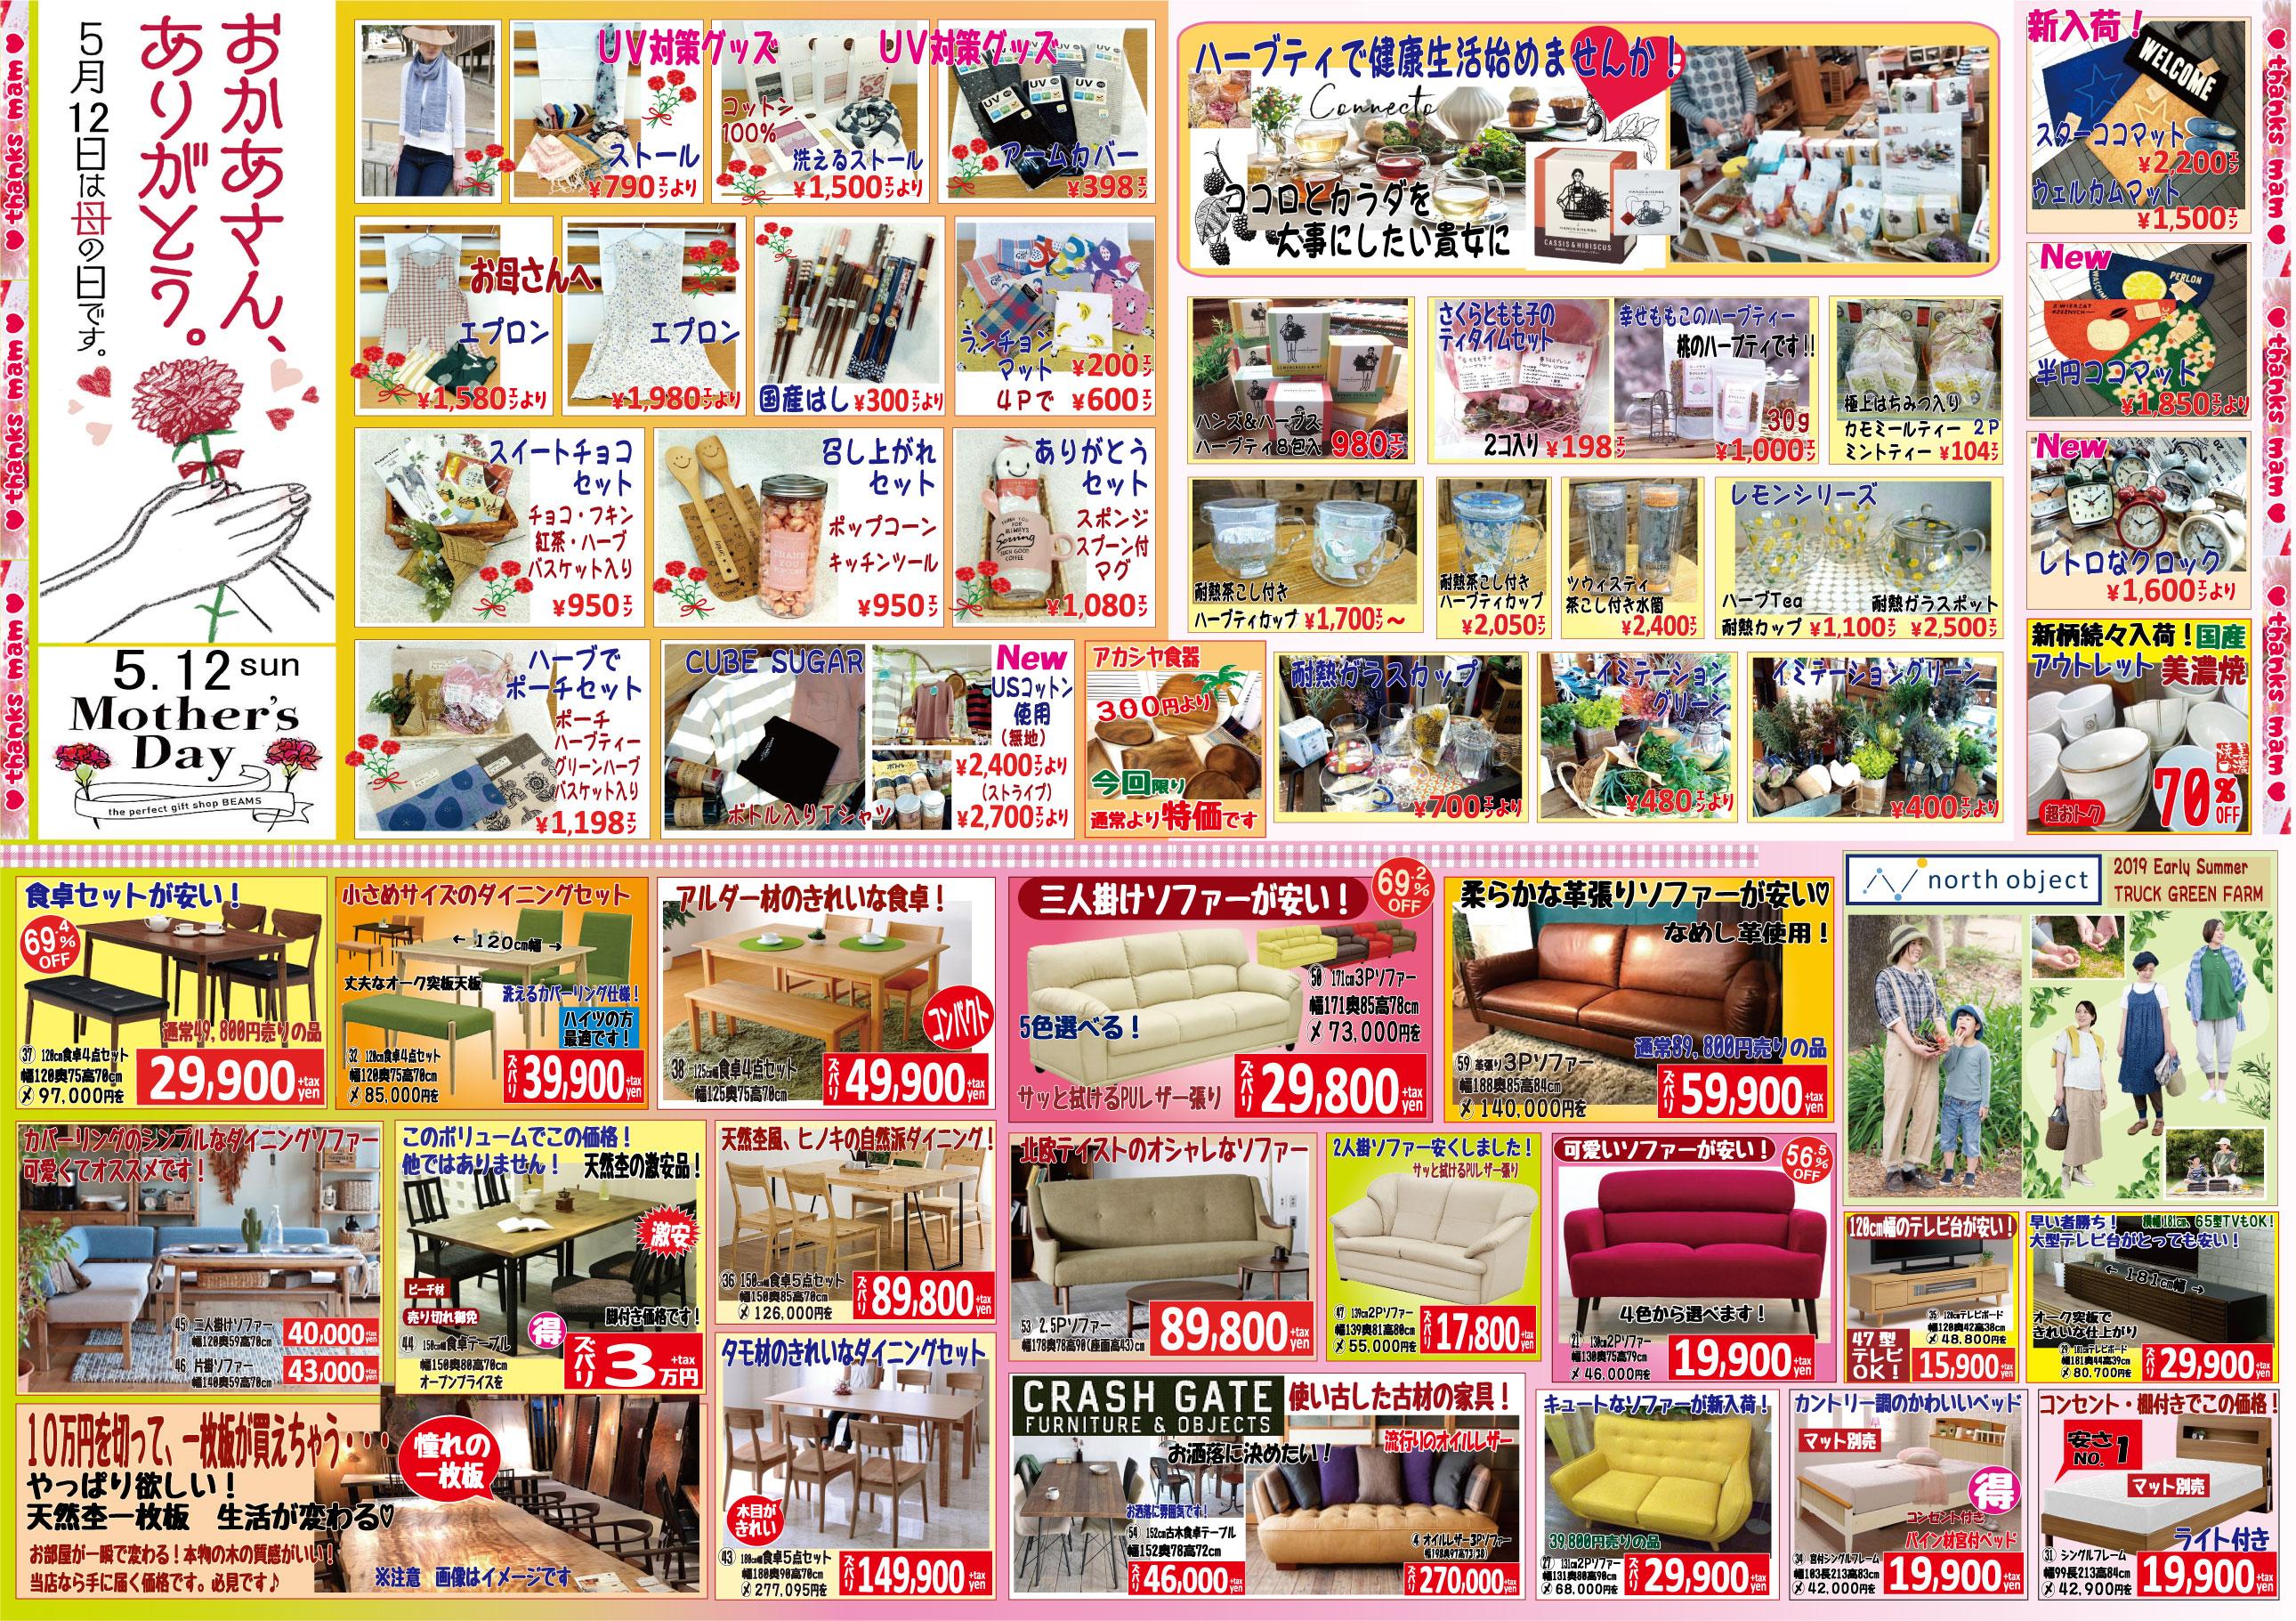 姫路家具 兵庫県家具 家具センタームラセ 2019年5月お買い得チラシ チラシA面